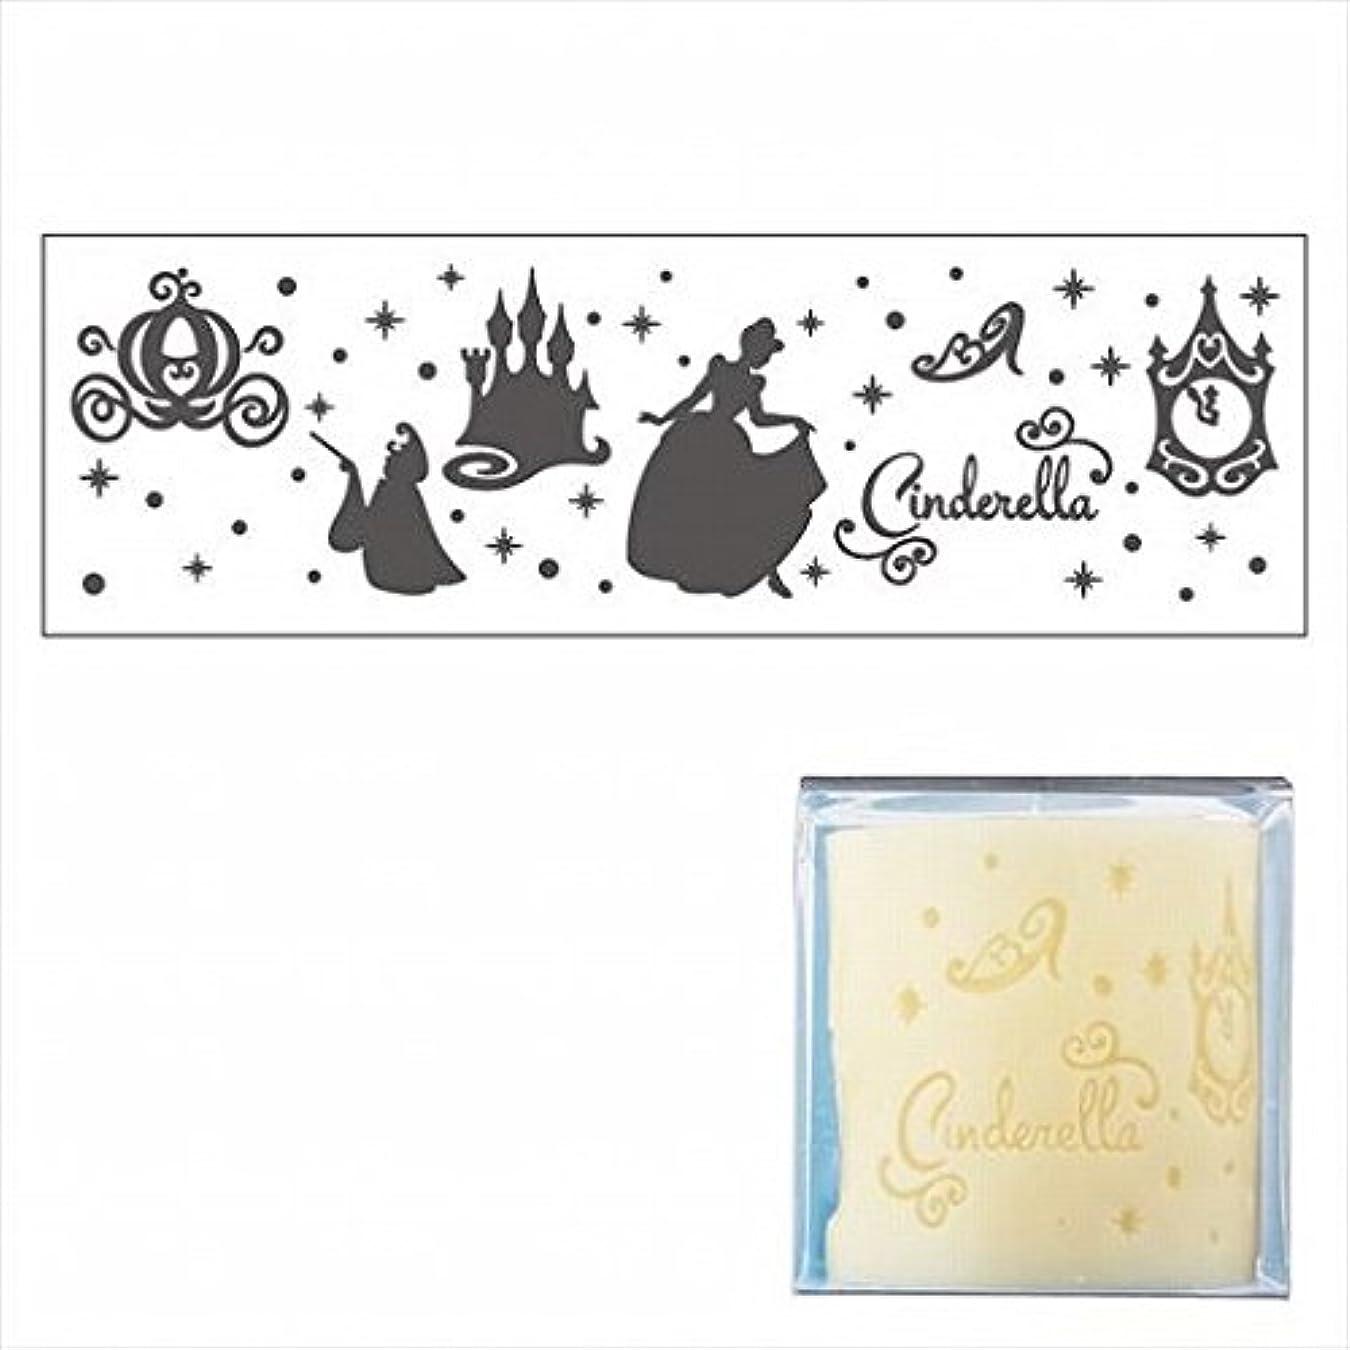 追放する捕虜ゲートウェイkameyama candle(カメヤマキャンドル) ディズニーLEDキャンドル 「 シンデレラ 」(A4320030)